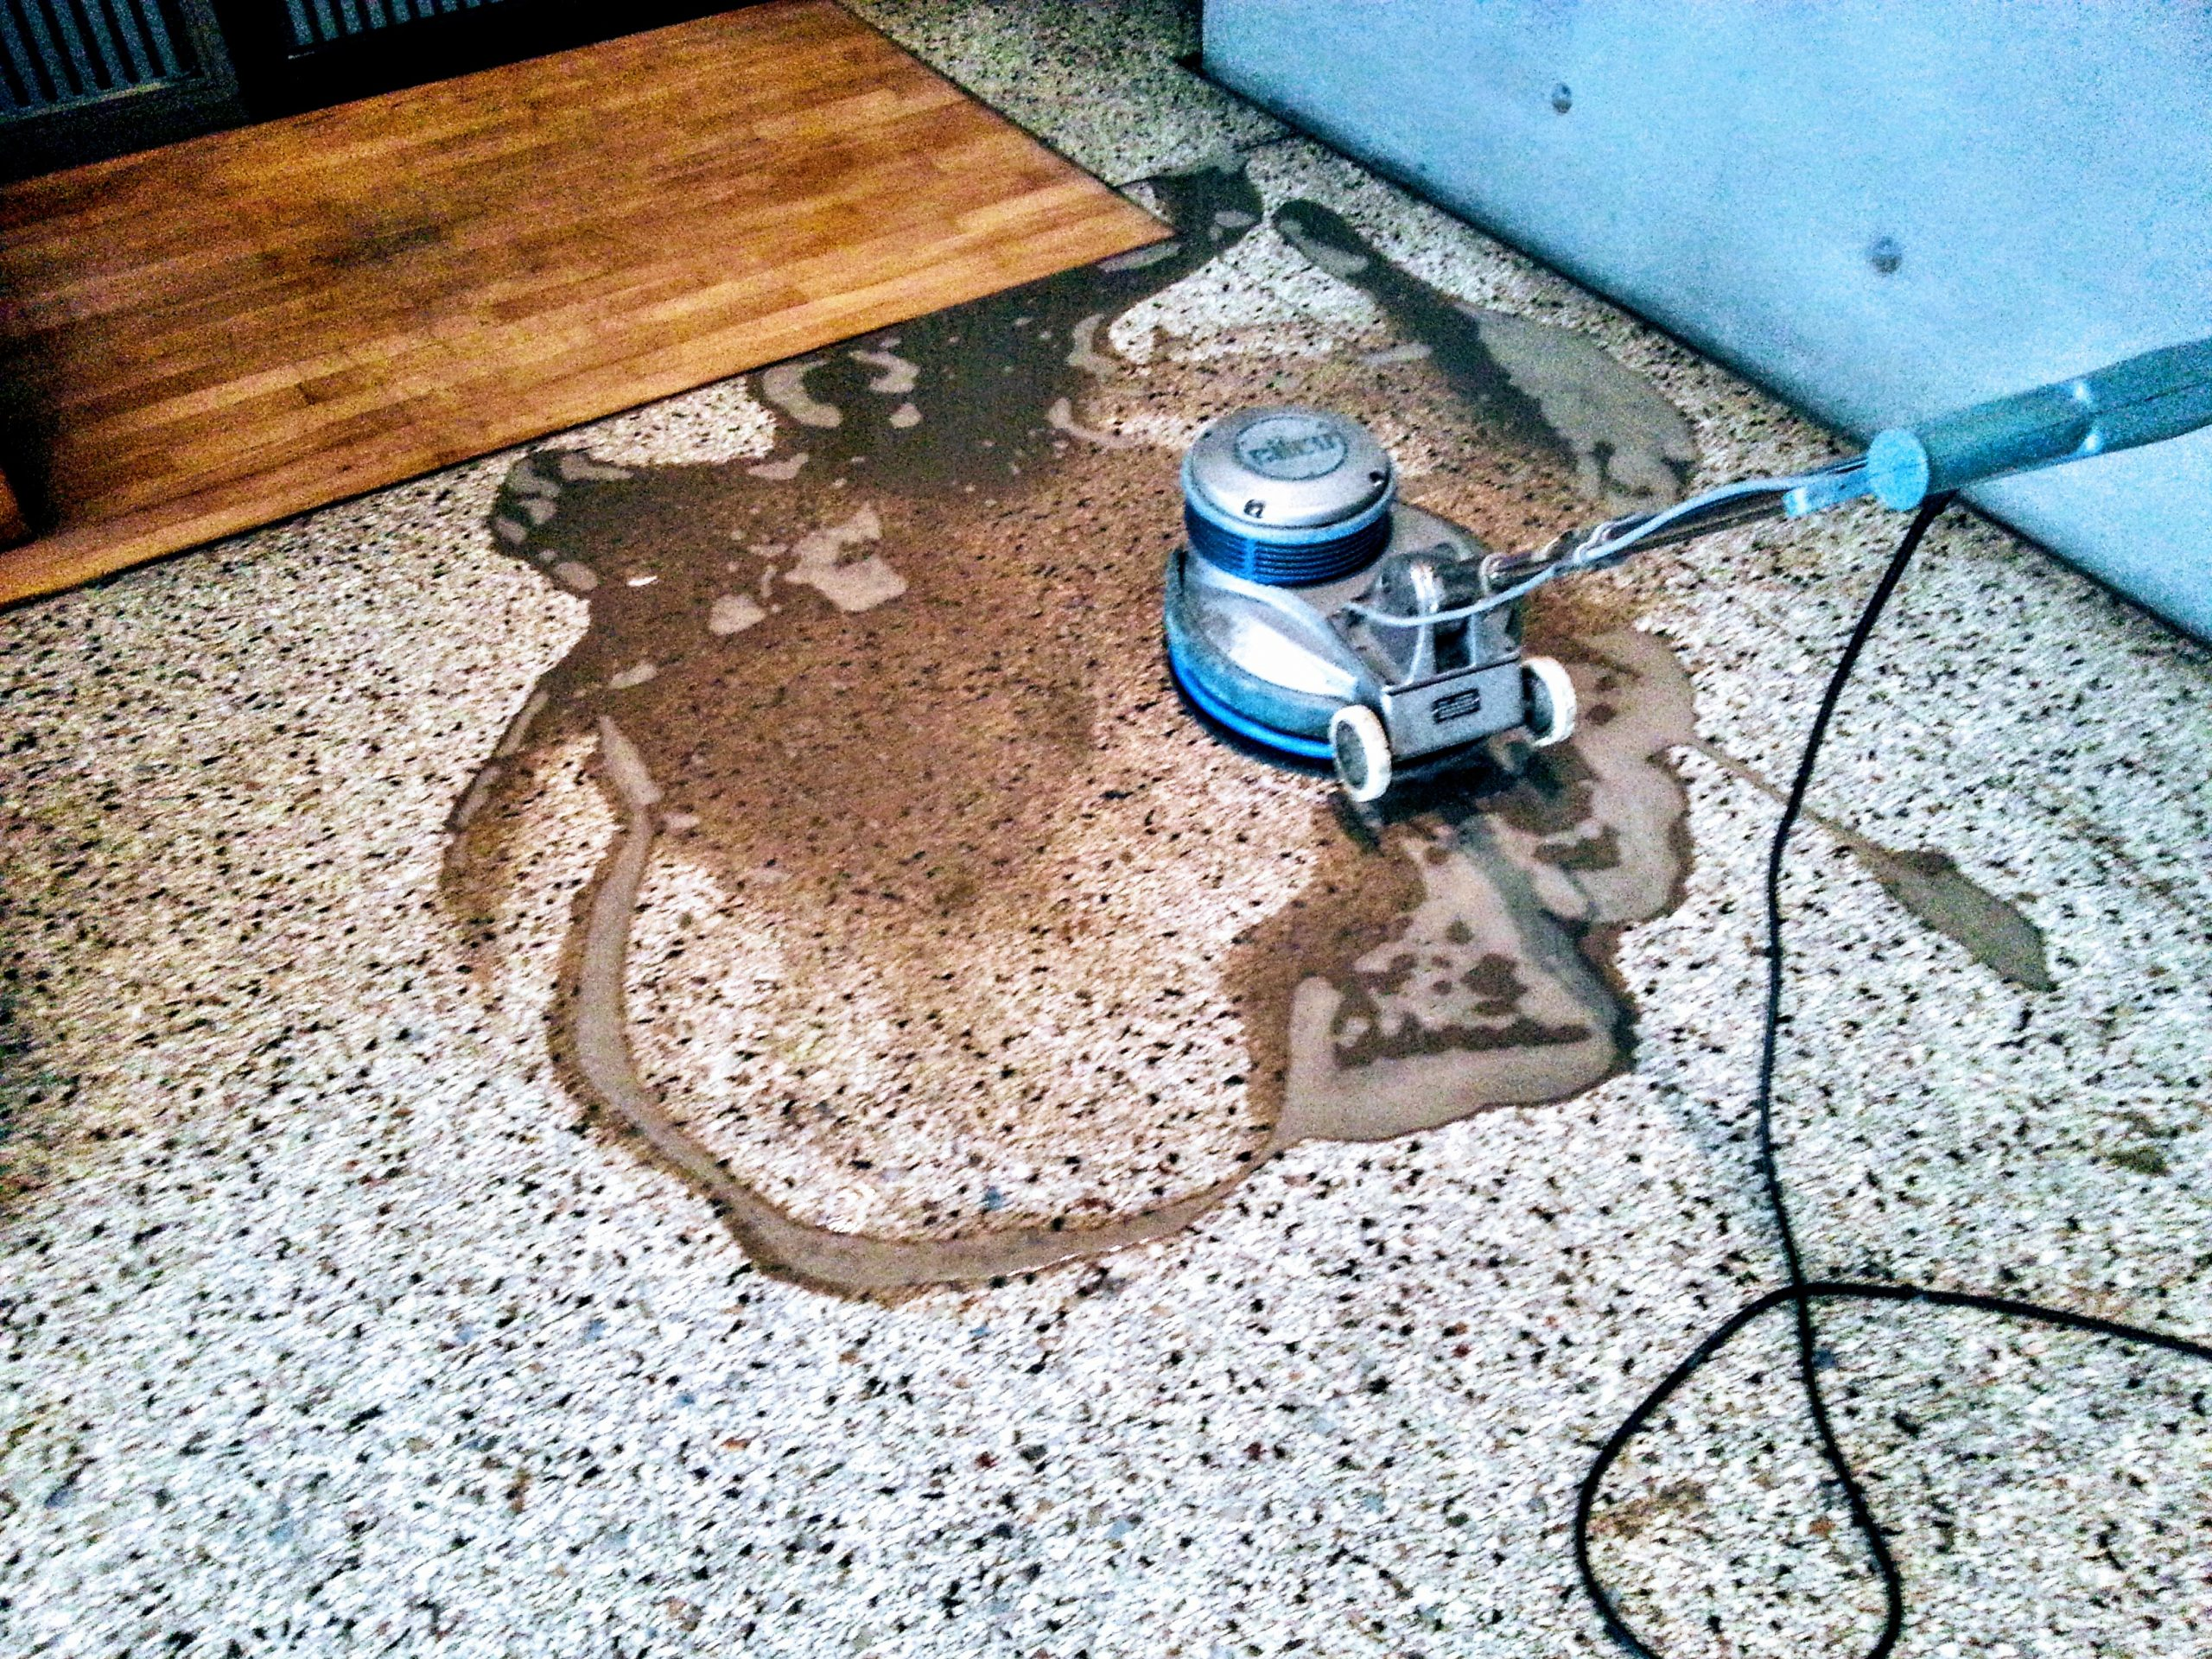 Reinigungsprozess von einem Steinboden mit professioneller Maschine - Wischen ist Macht JAMES CLEAN GMBH Ihr Servicepartner seit 1996 aus Mönchengladbach